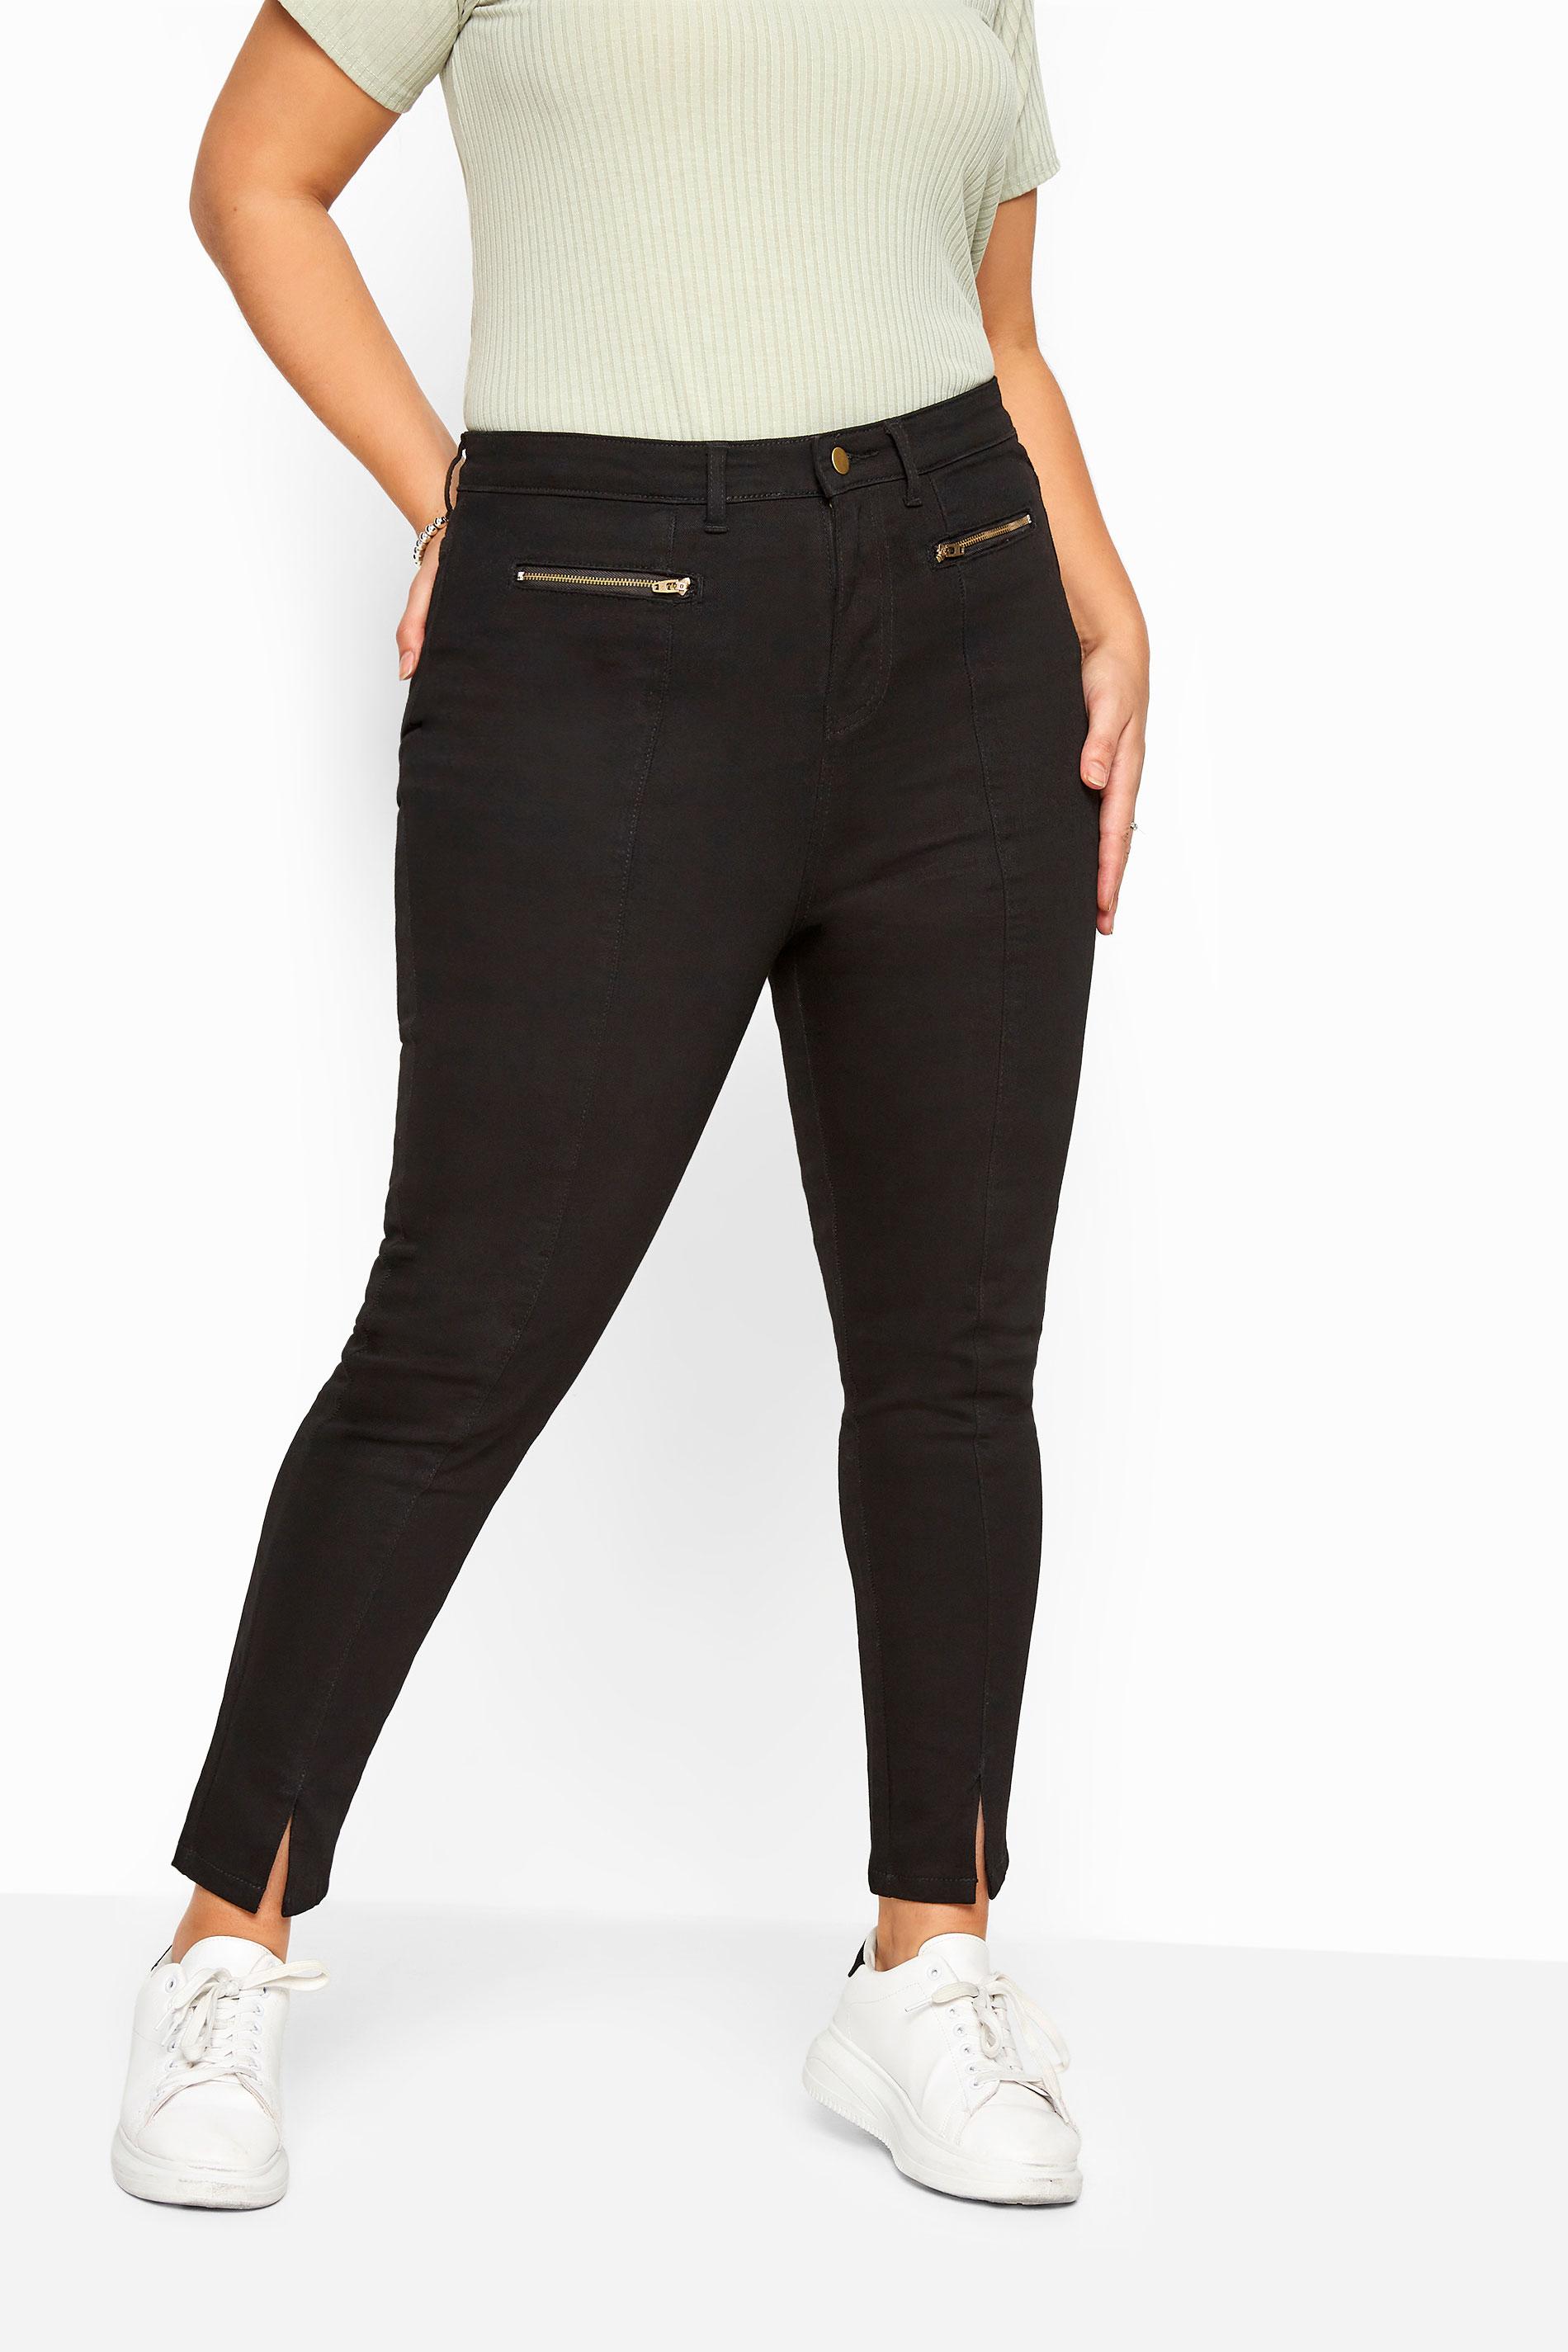 AVA Skinny Stretch-Jeans mit Schlitz am Bein - Schwarz